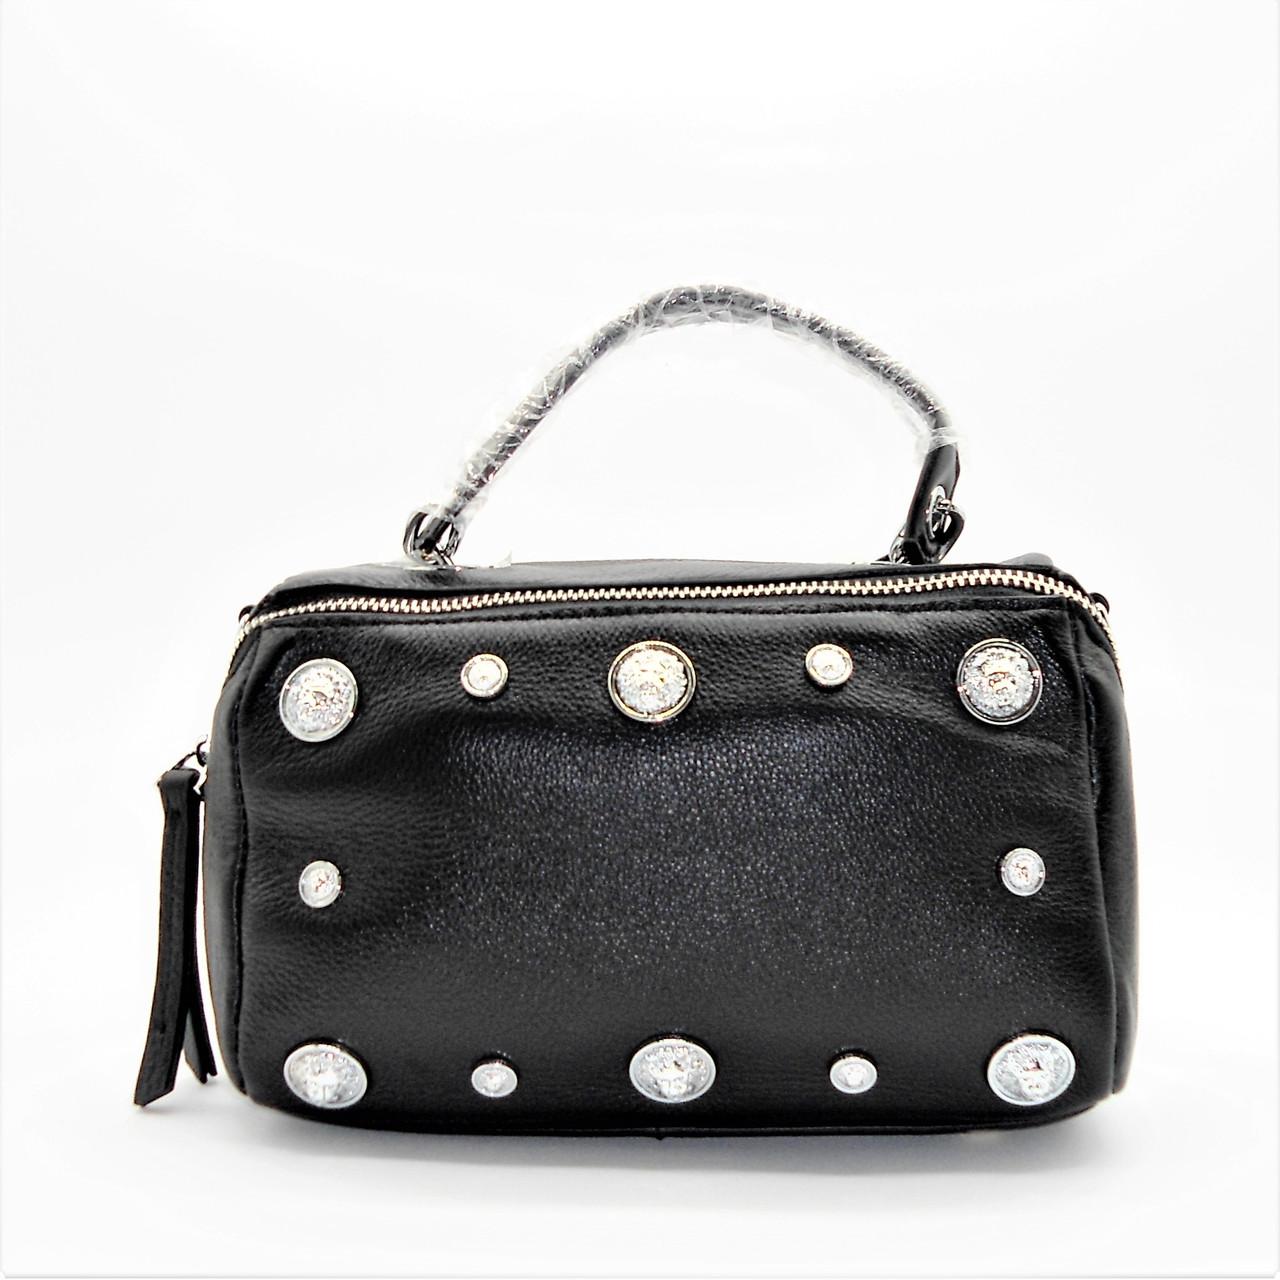 44f1a825bb4a Эксклюзивная Итальянская женская кожаная сумочка в руку GMН-013920 -  Интернет- магазин